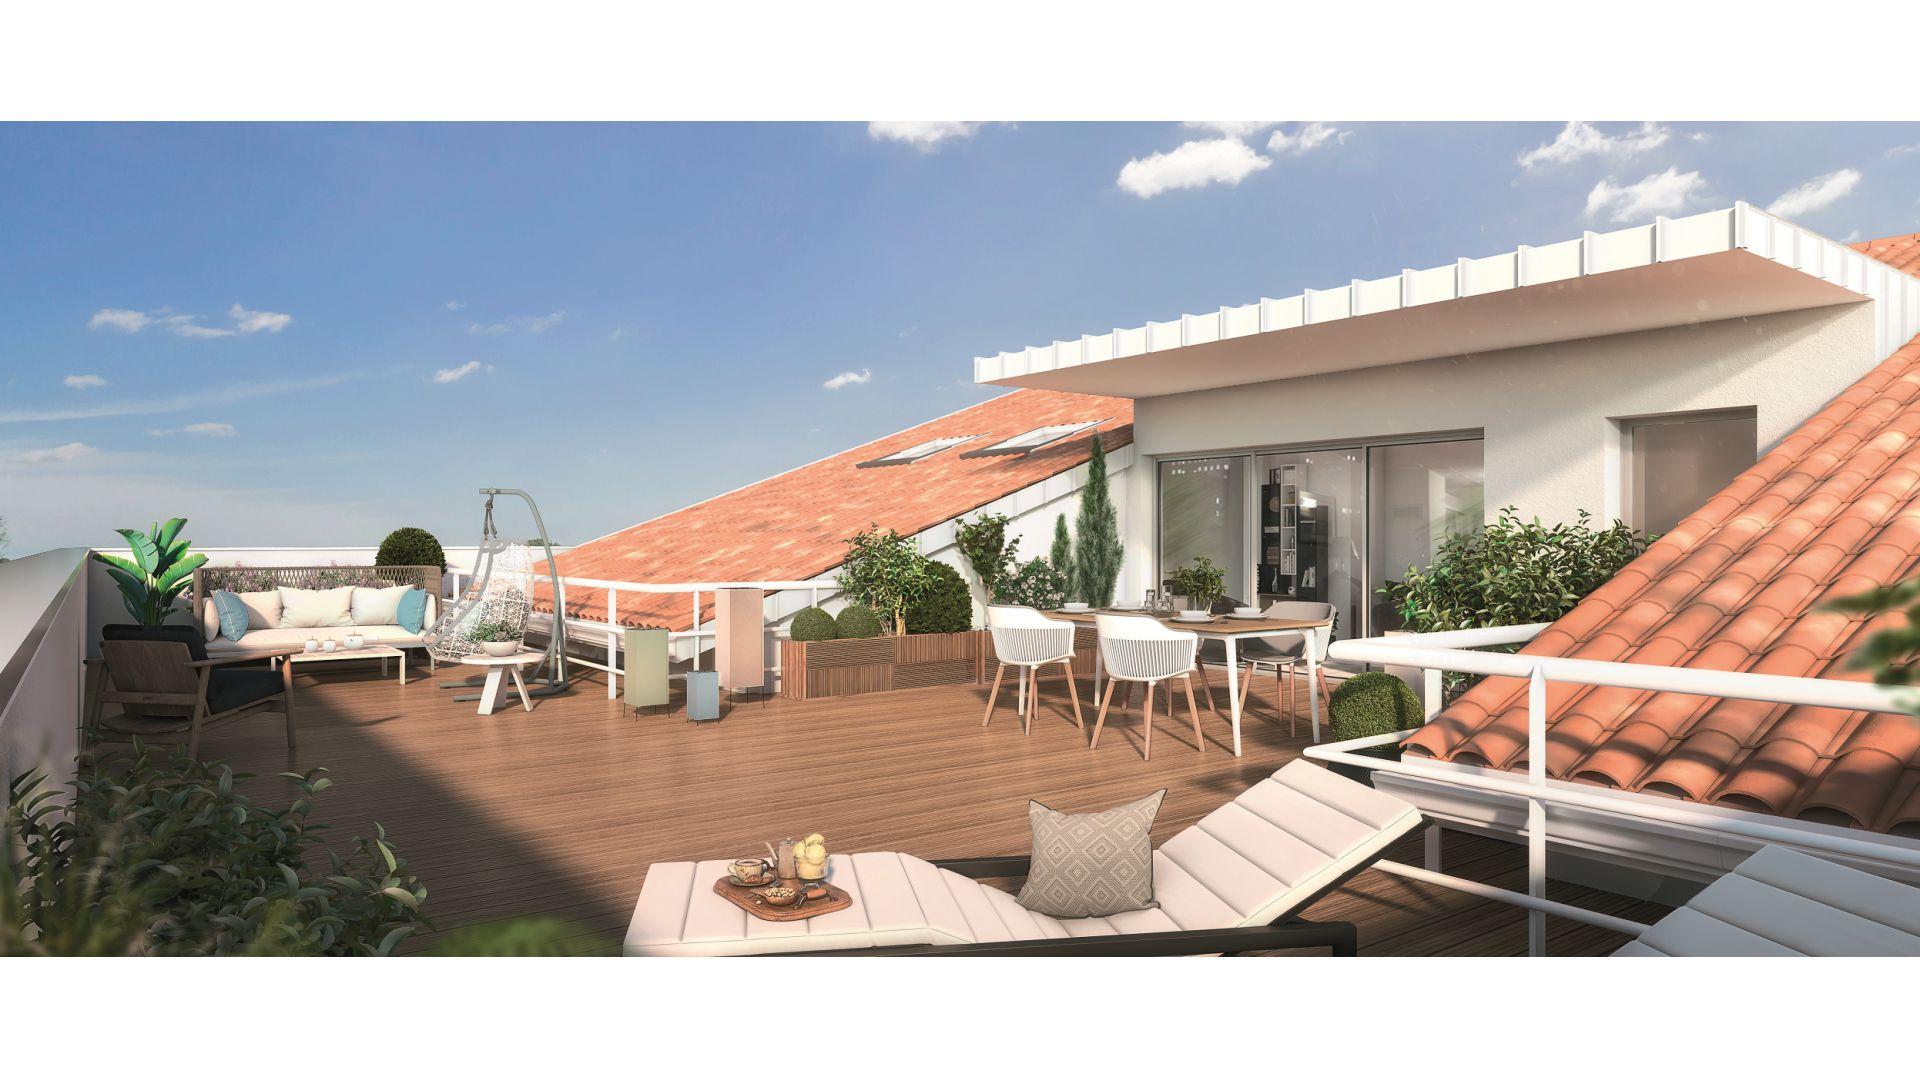 GreenCity immobilier - 31500 Toulouse Roseraie - Parc Romane - rue Louis Plana - appartements neufs du T1 au T4   - vue terrasse